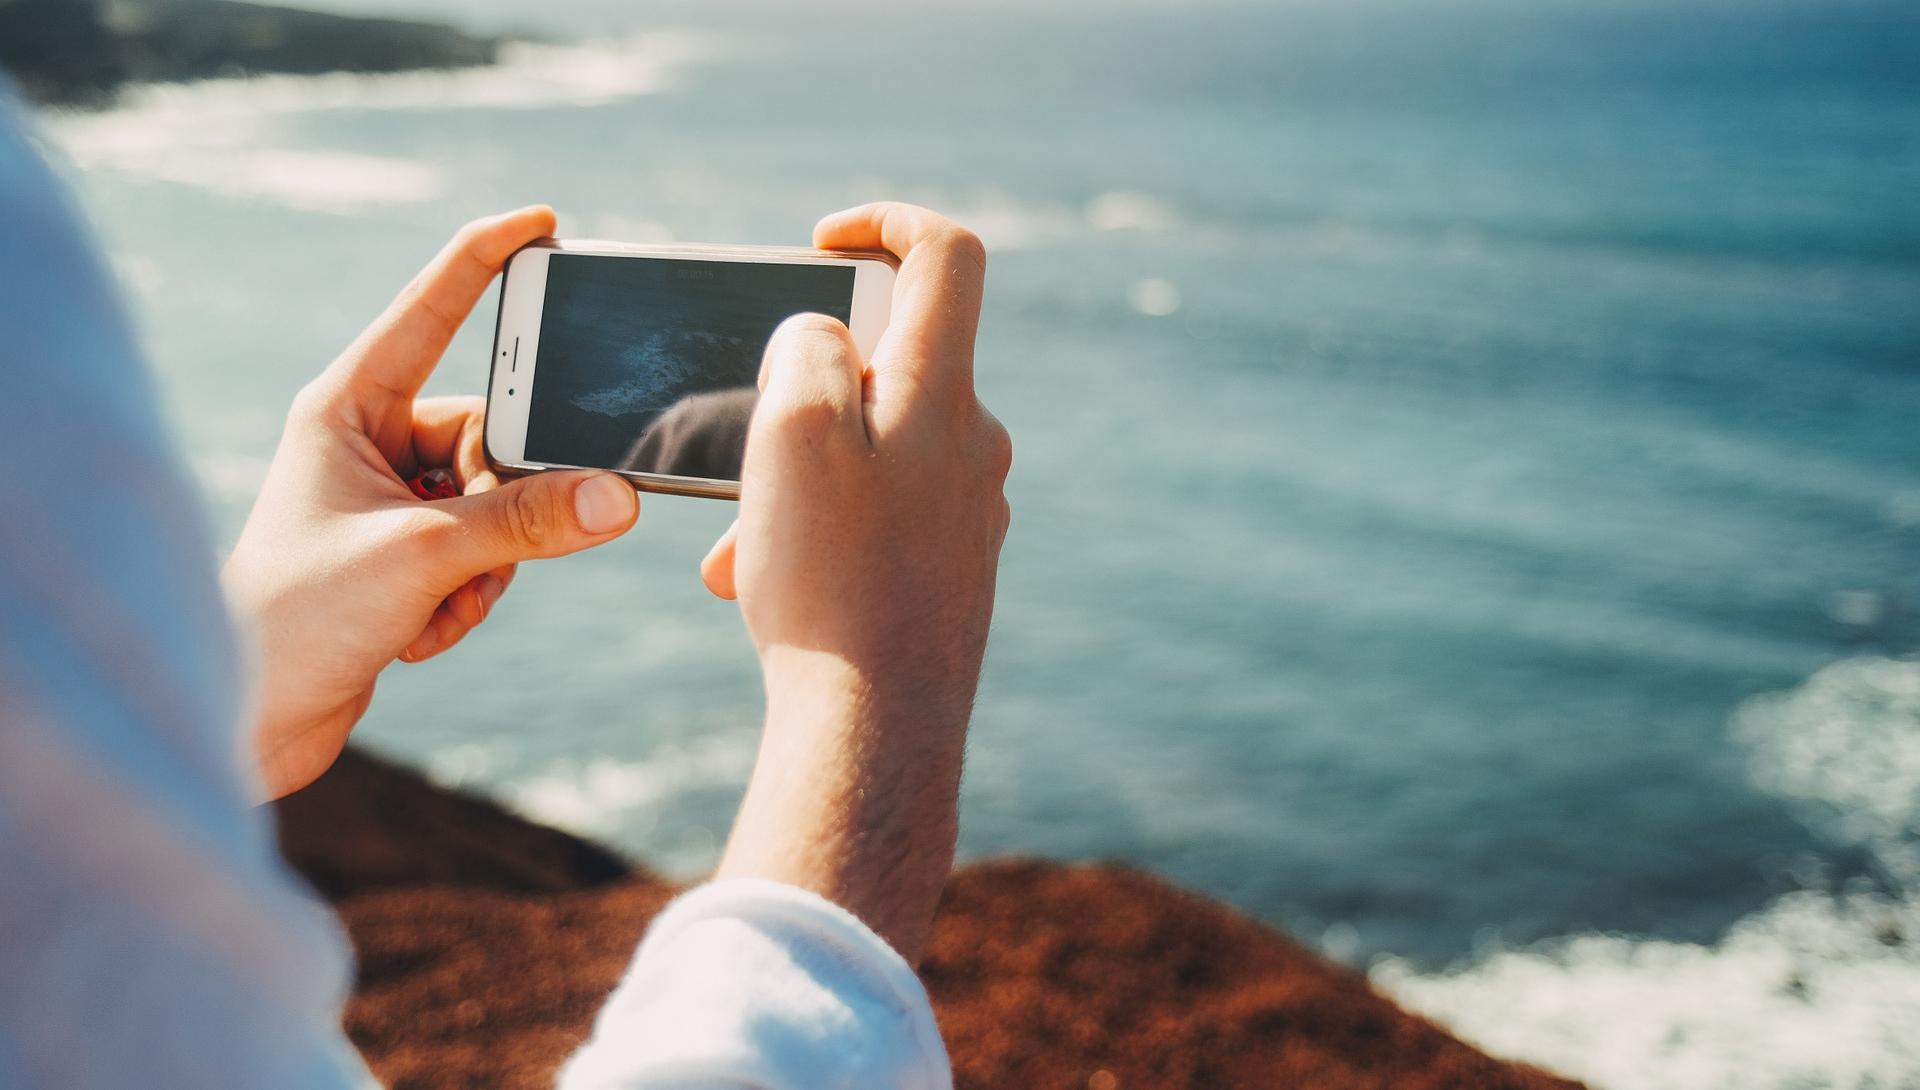 Ihminen ottaa kännykällä kuvan merestä.